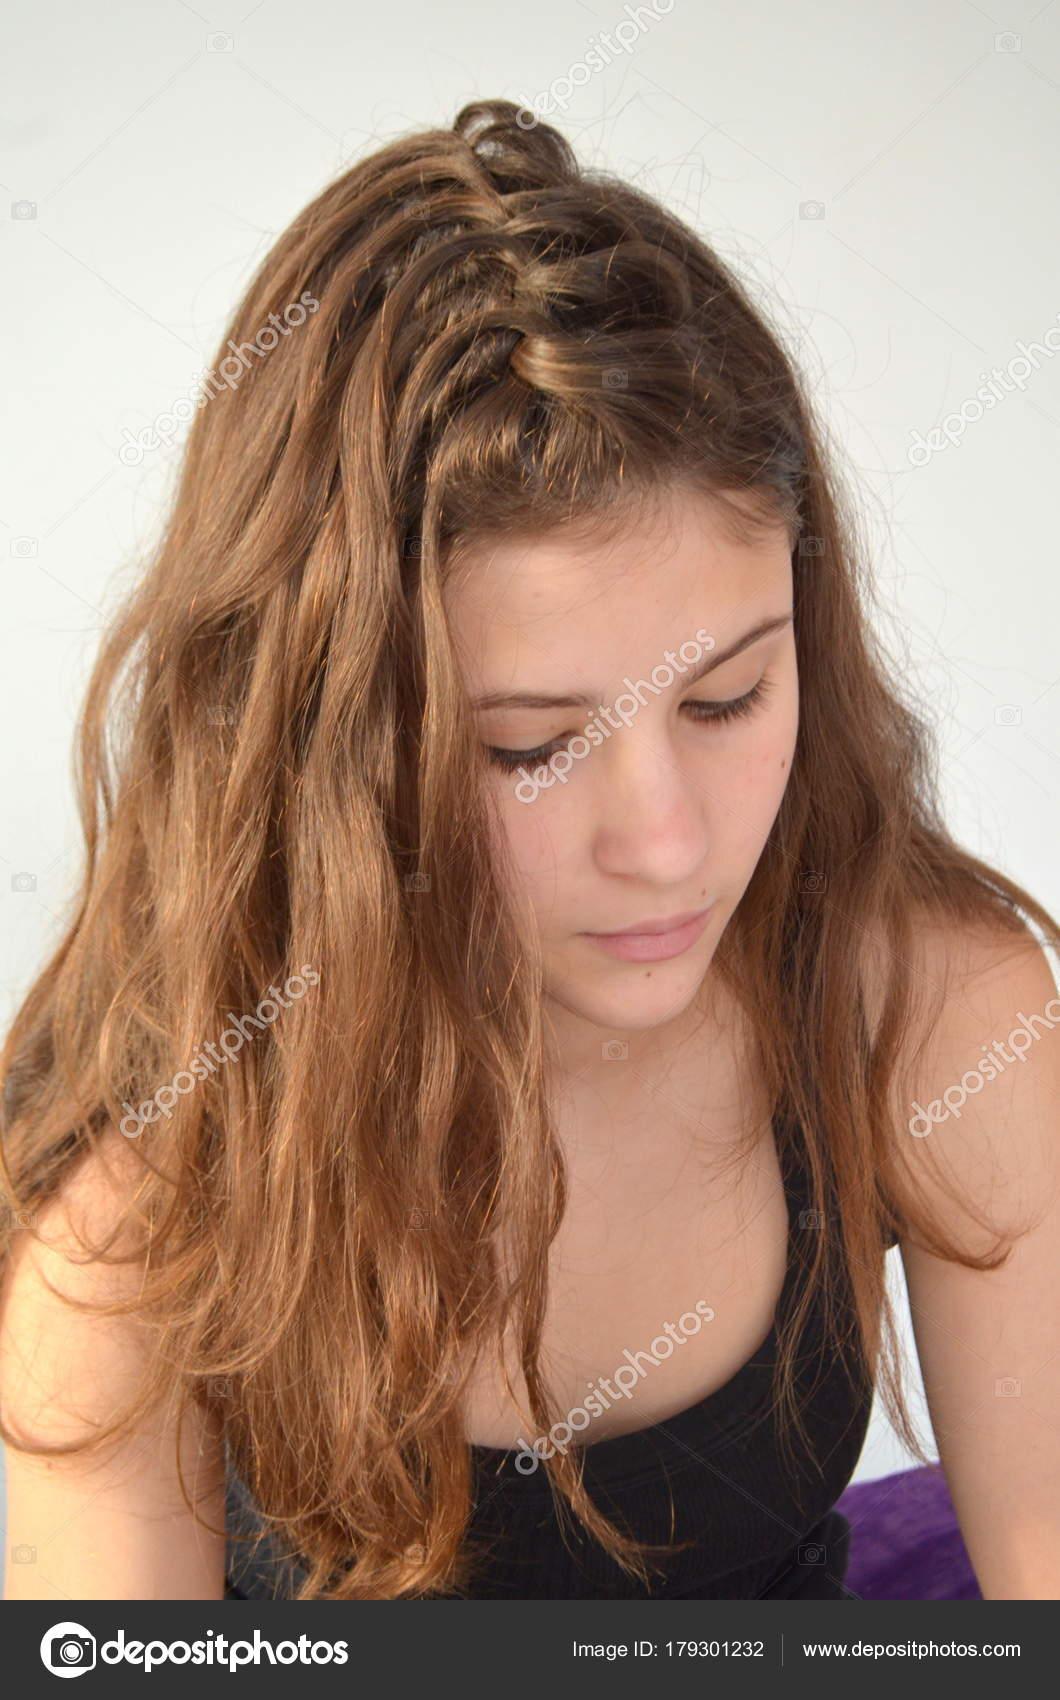 Portret Młodej Dziewczyny Fryzura średniej Długości Włosów